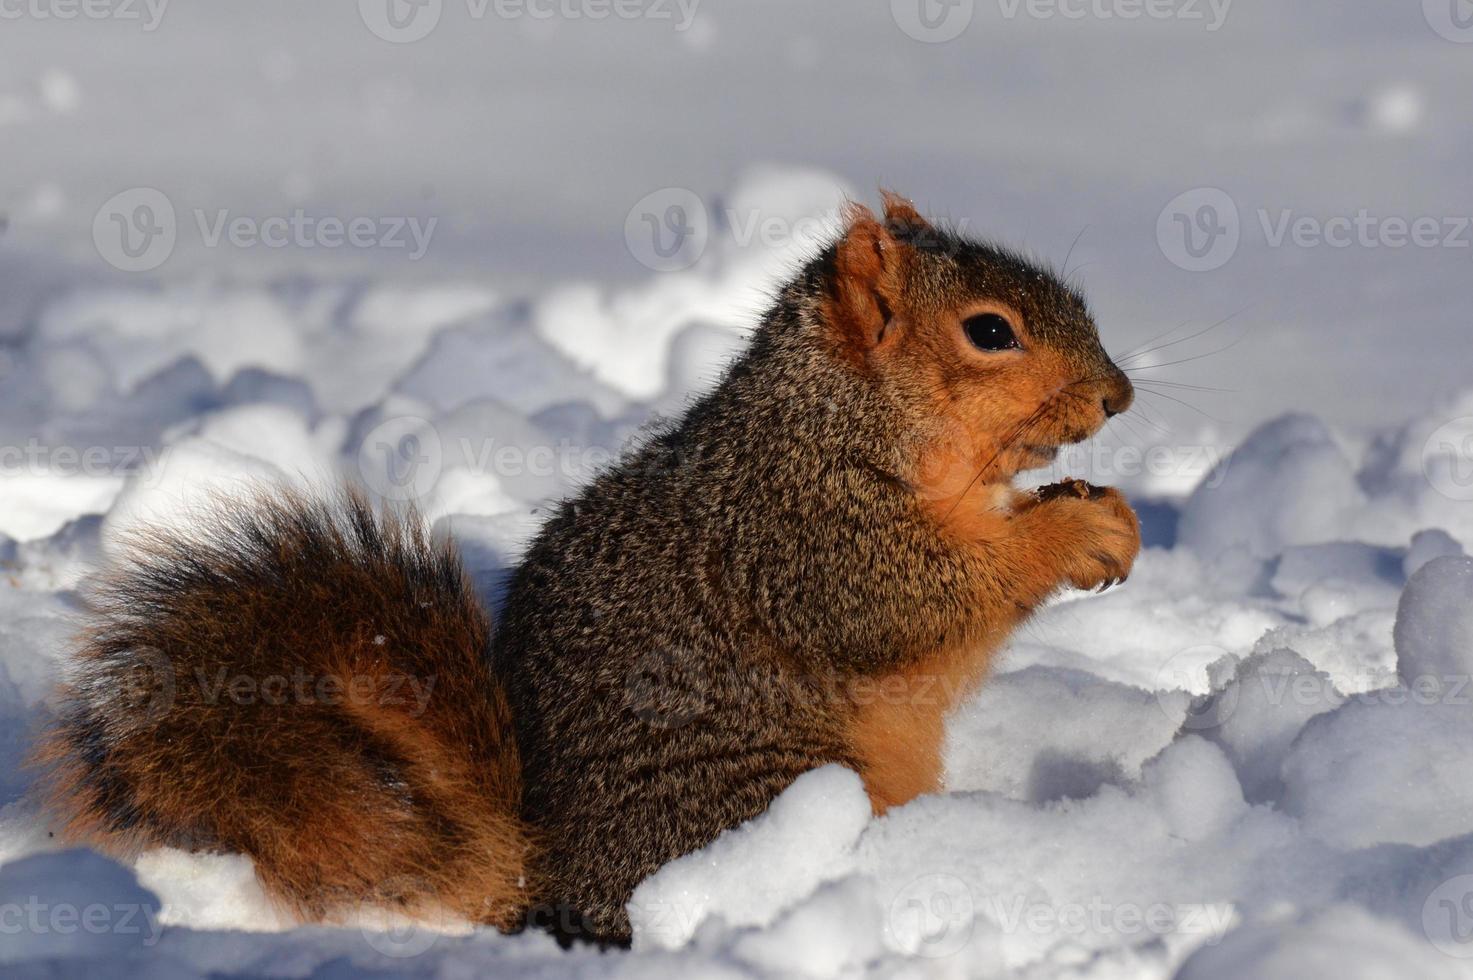 Eichhörnchen im Schnee frisst nach rechts foto